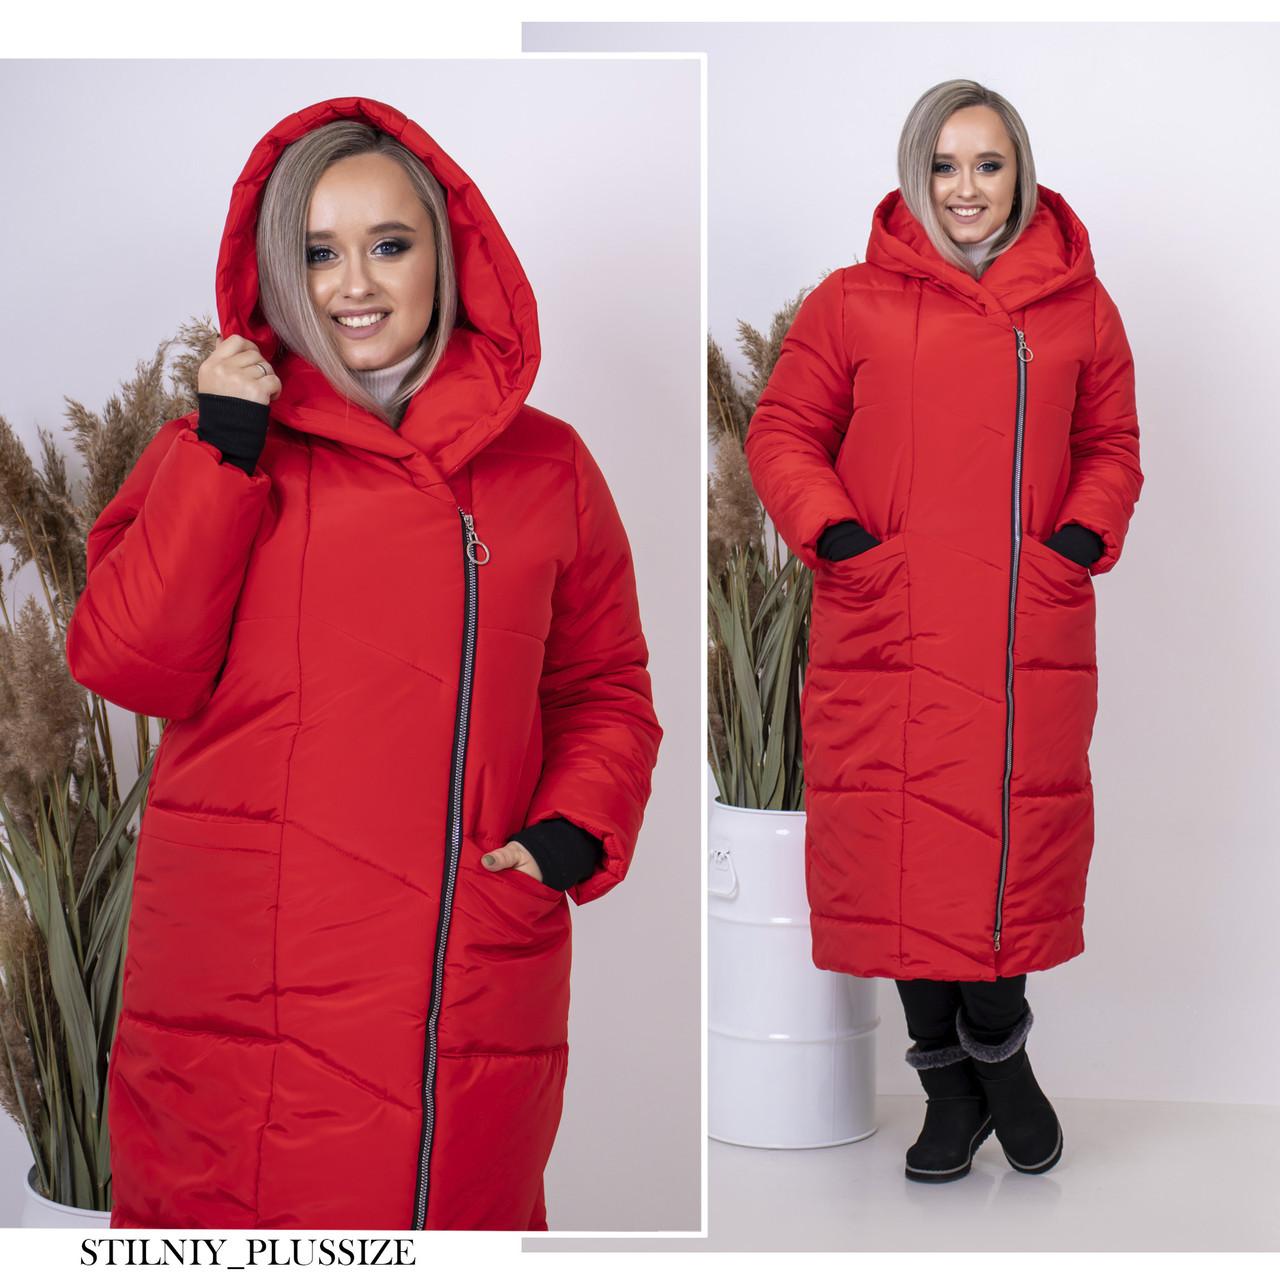 Зимнее пальто женское Плащевка на синтепоне Размер 44 46 48 50 52 54 56 58 В наличии 3 цвета